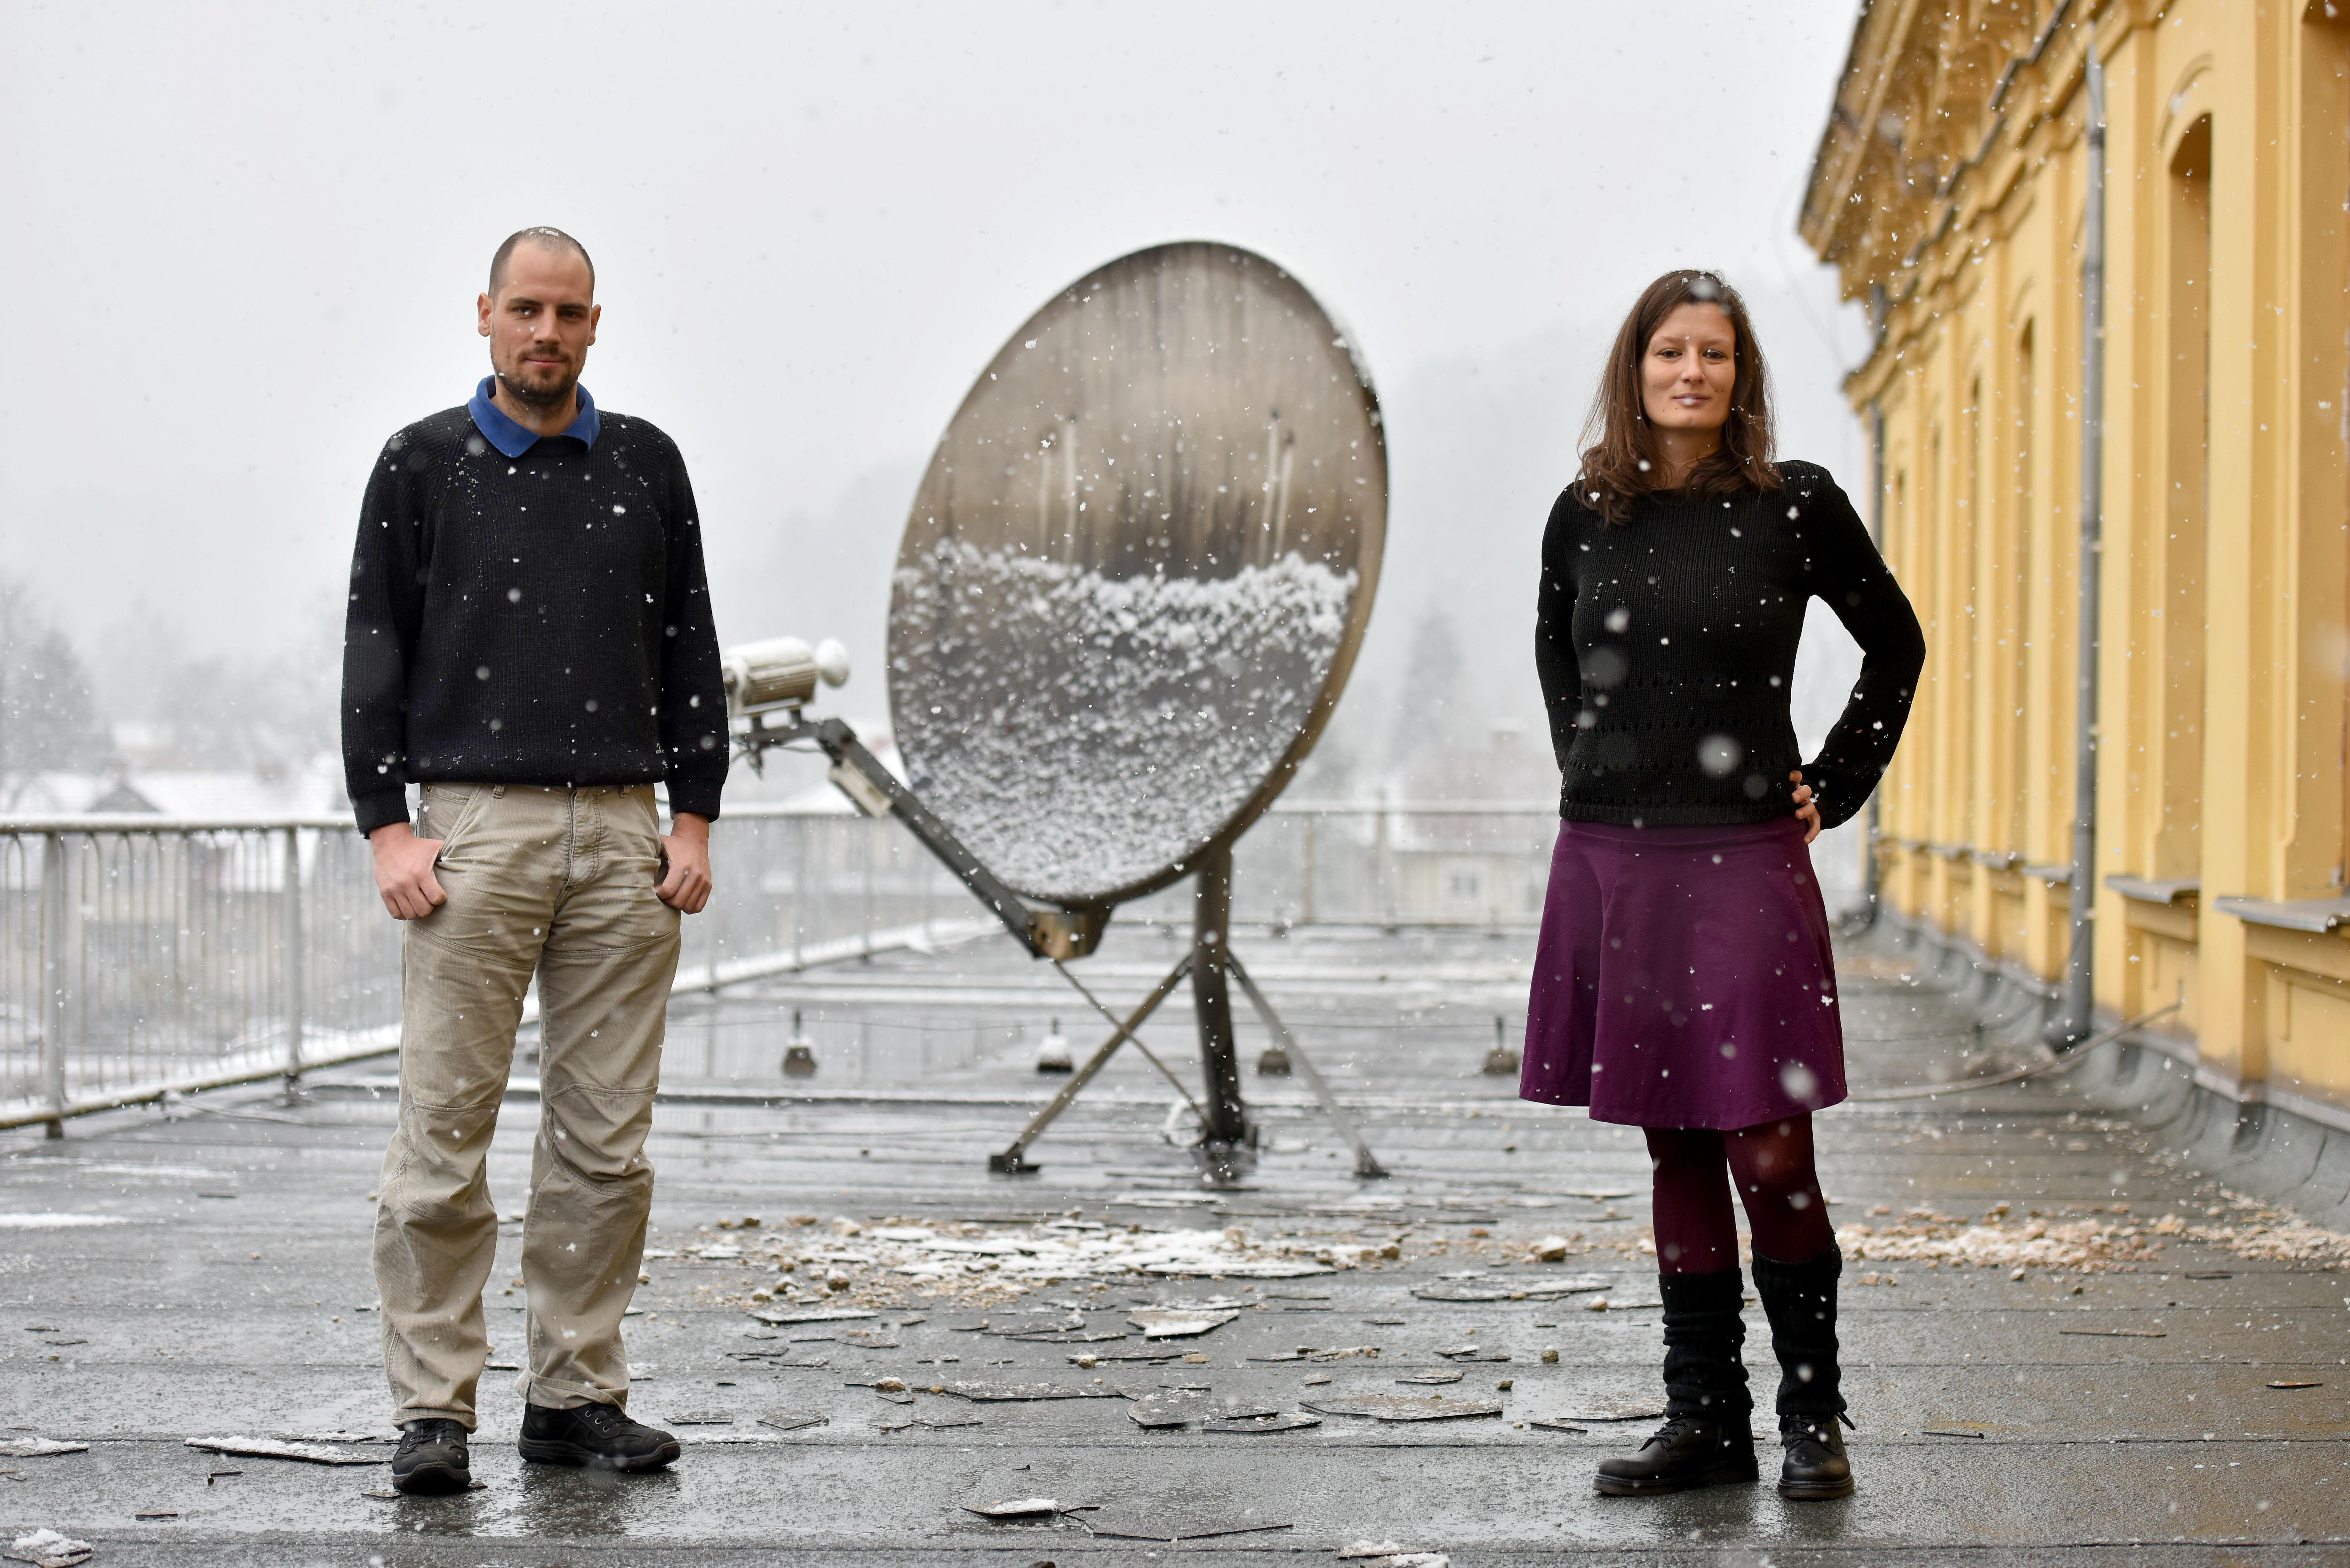 Soustanovitelja projekta Pod črto, Anže Voh Boštic in Taja Topolovec. Foto: Tamino Petelinšek, STA